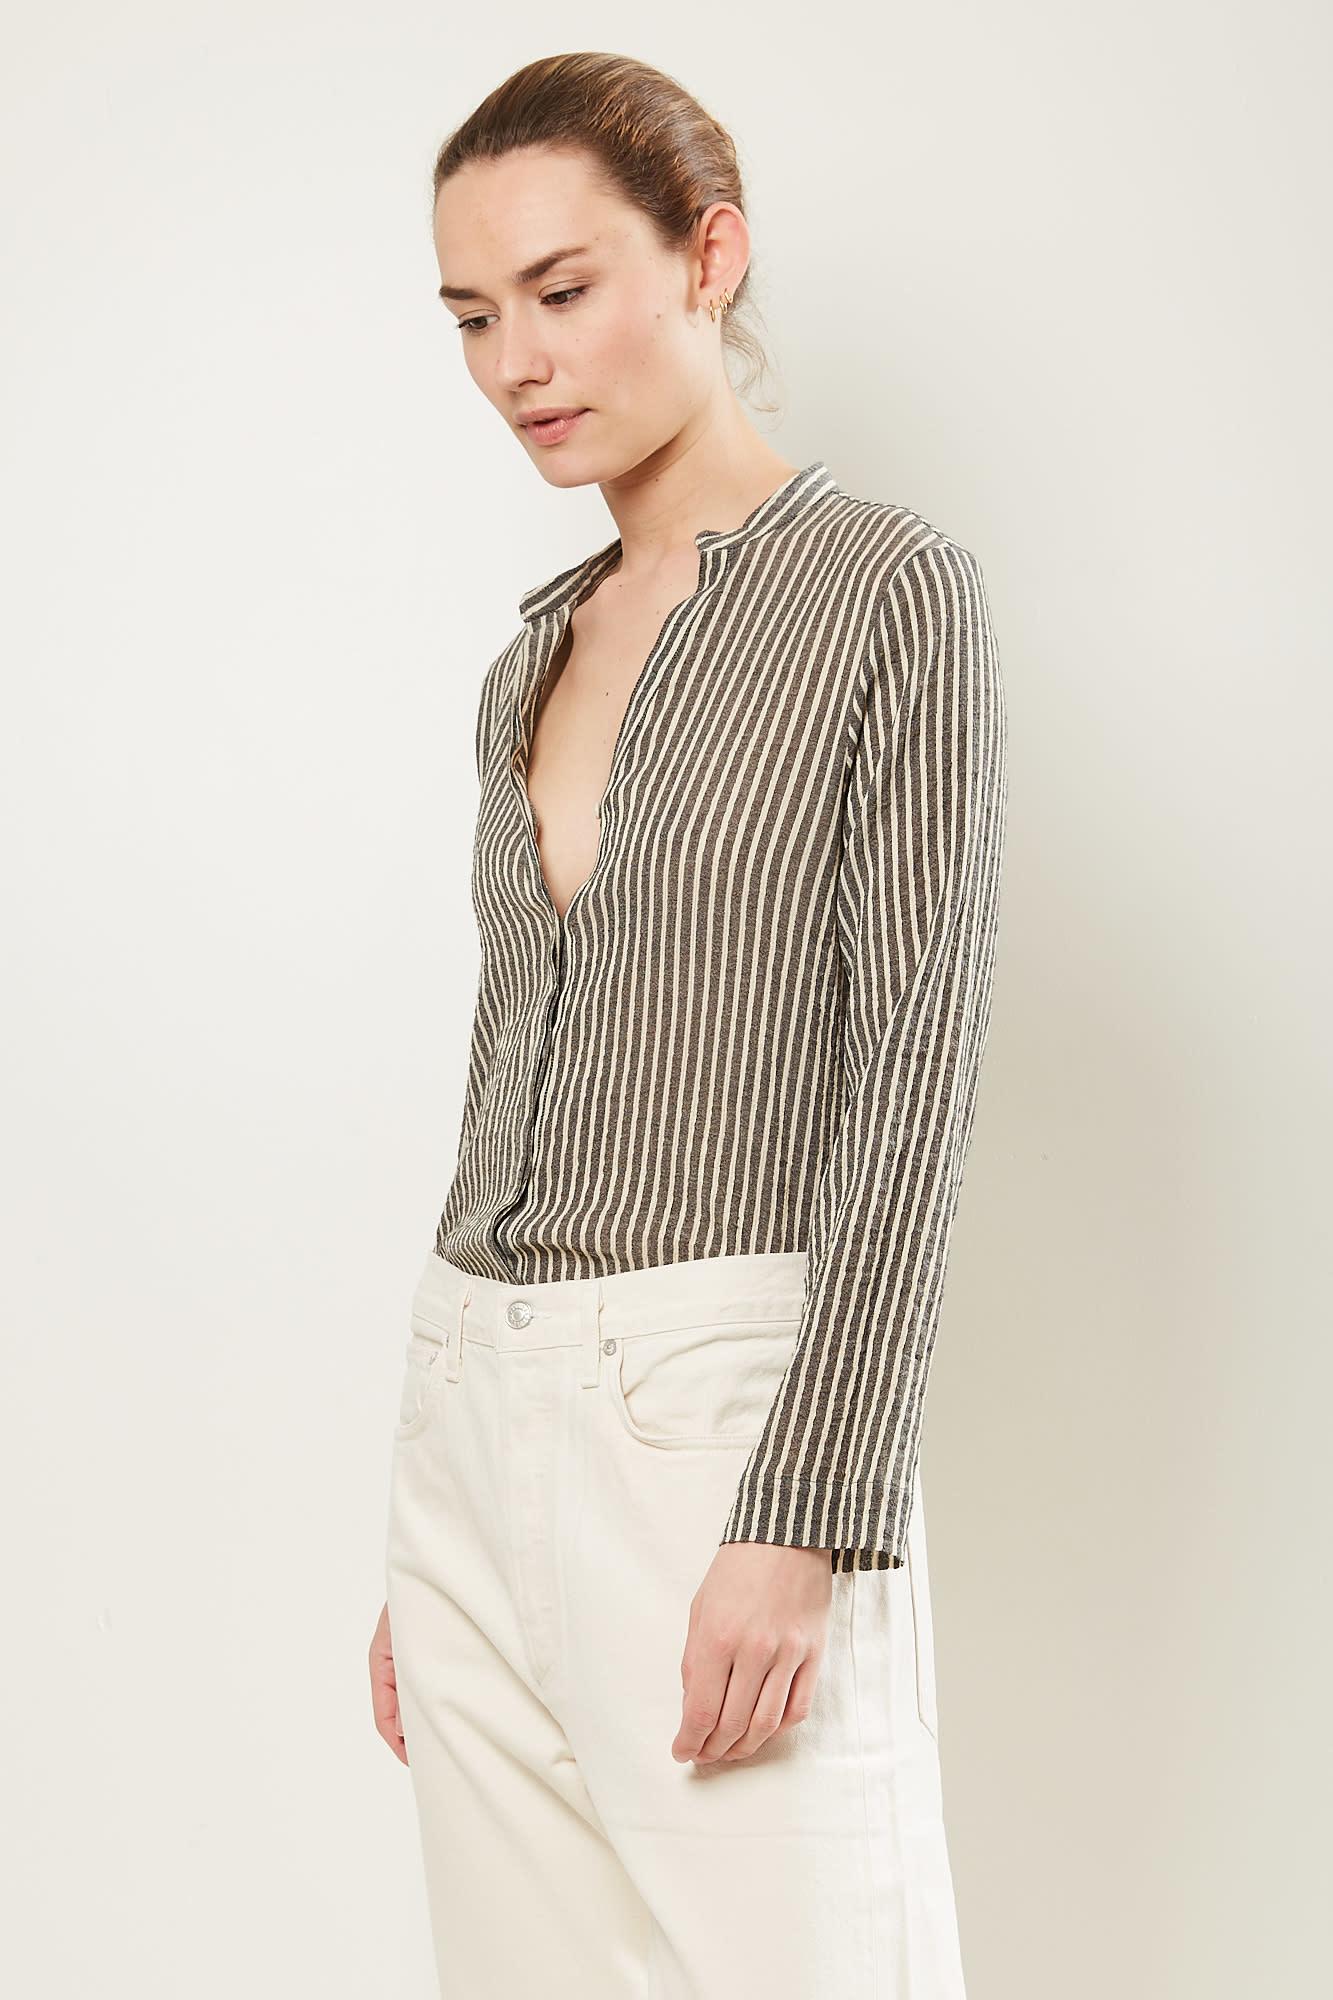 Diega - Caboa chemise 2